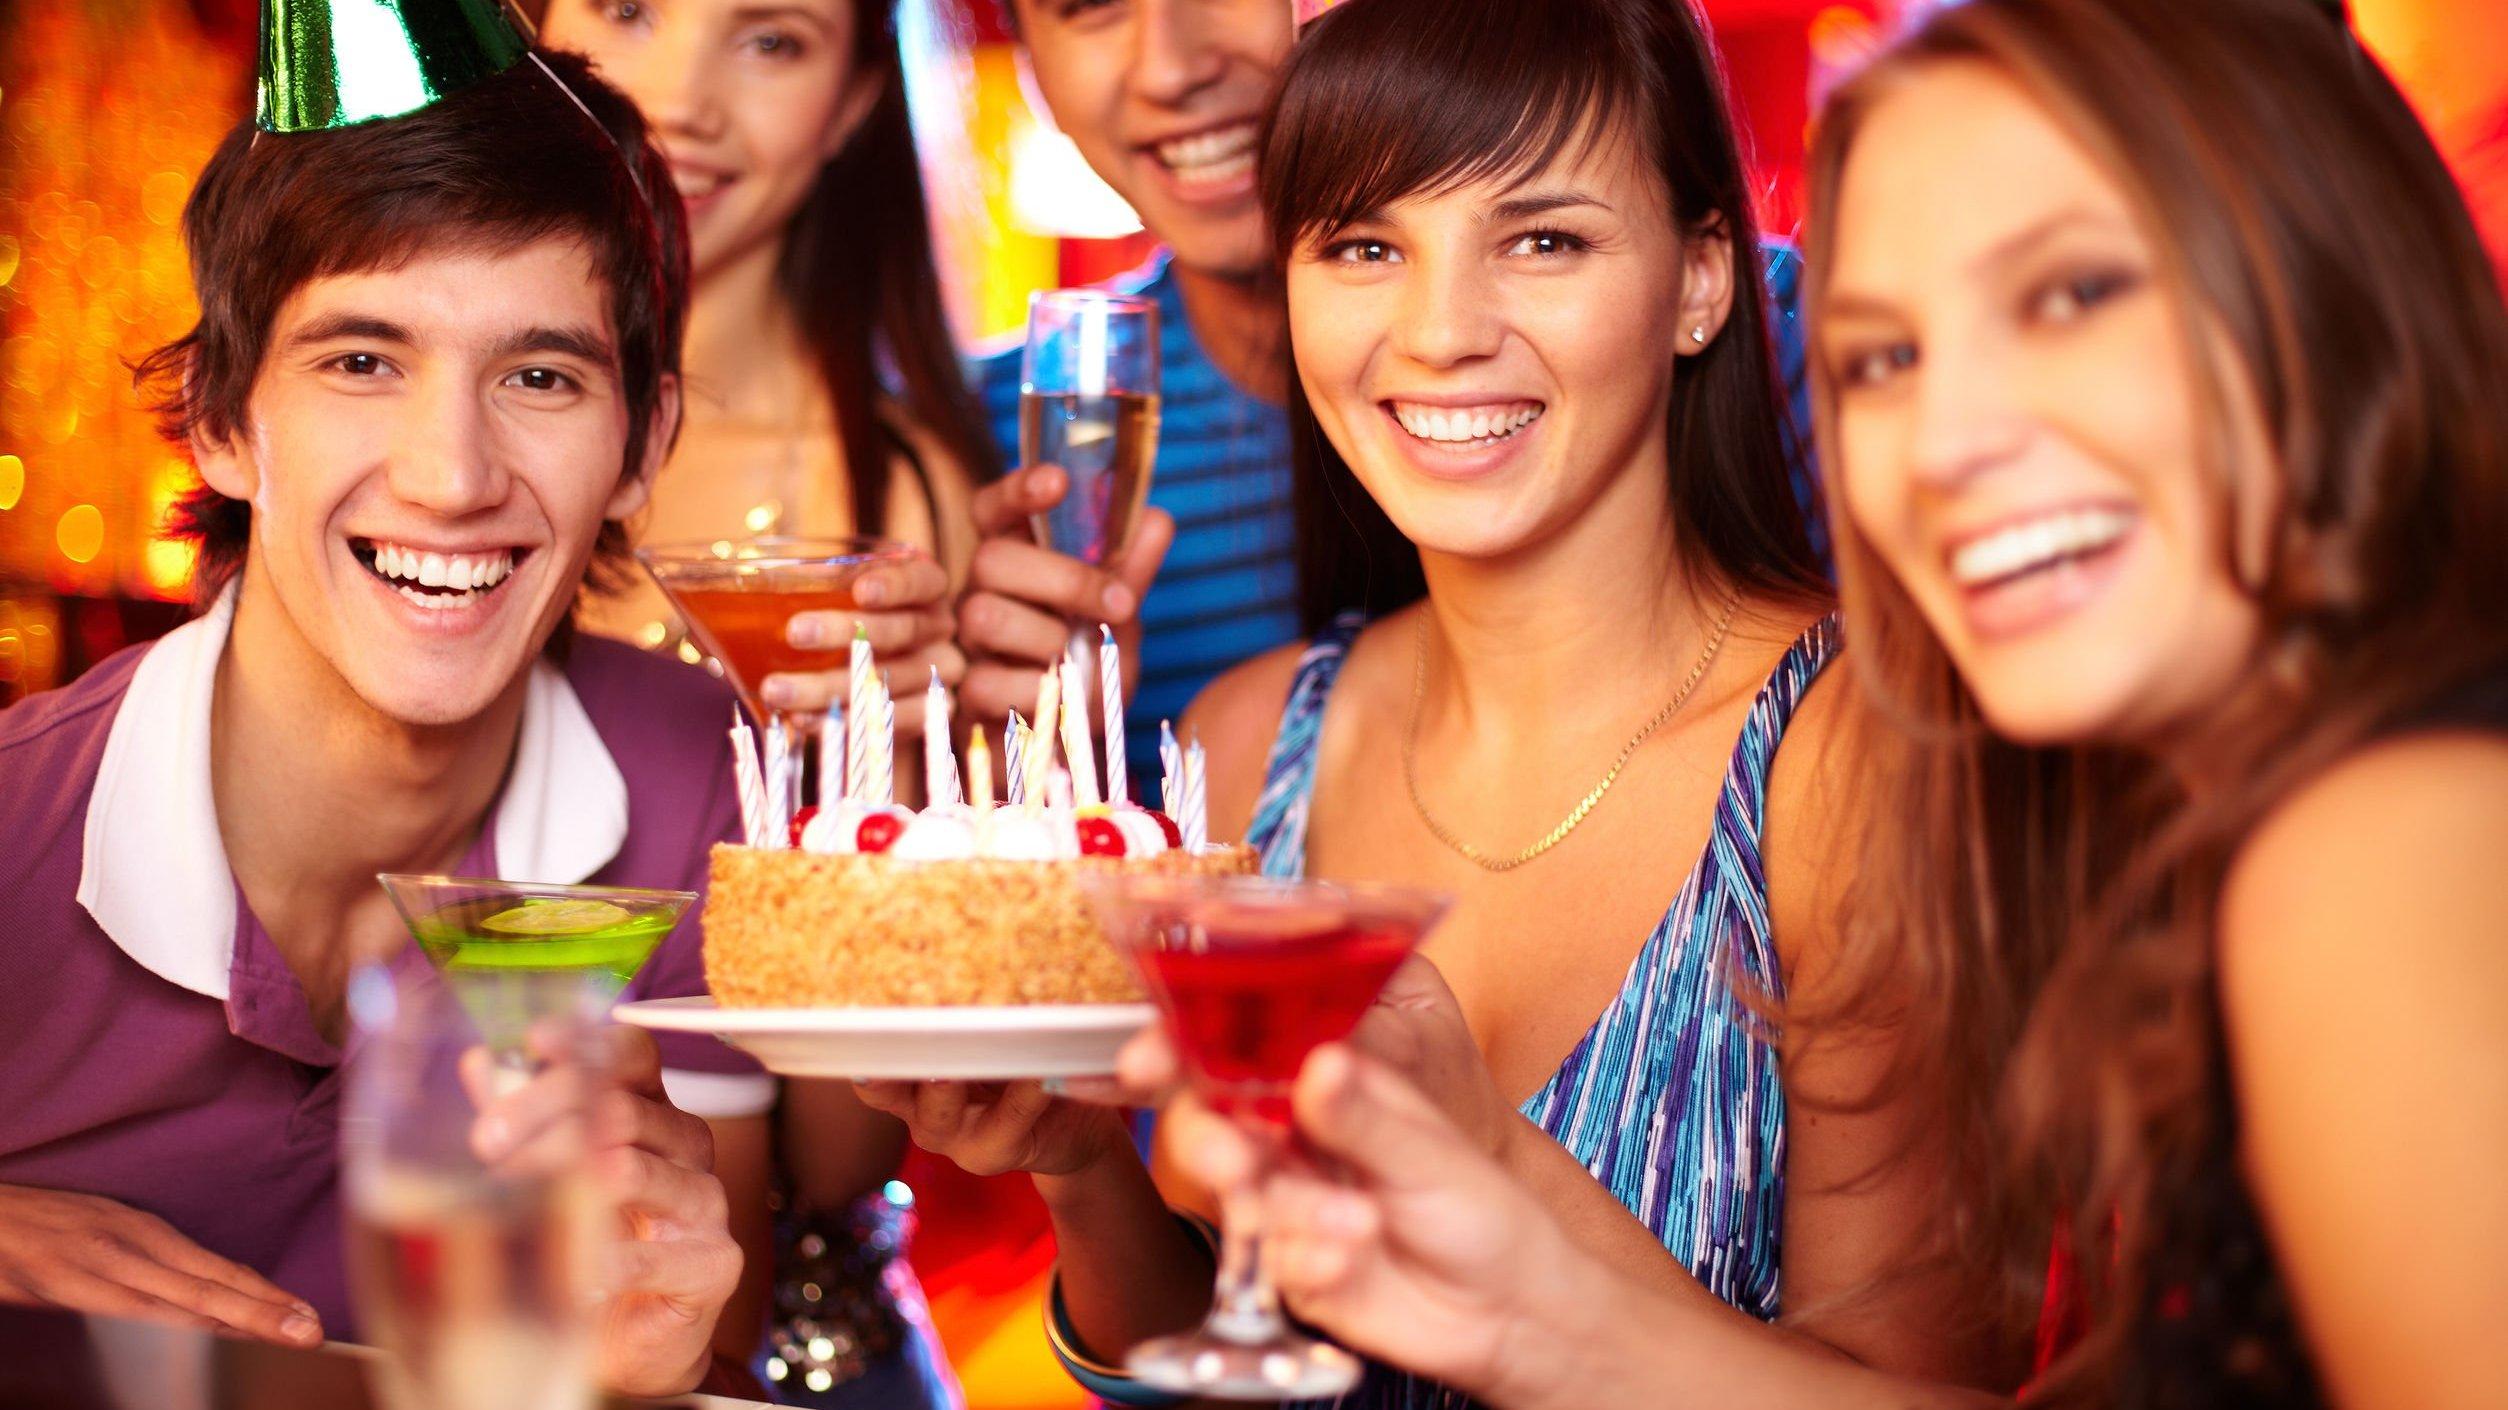 Grupo de pessoas comemorando aniversário.